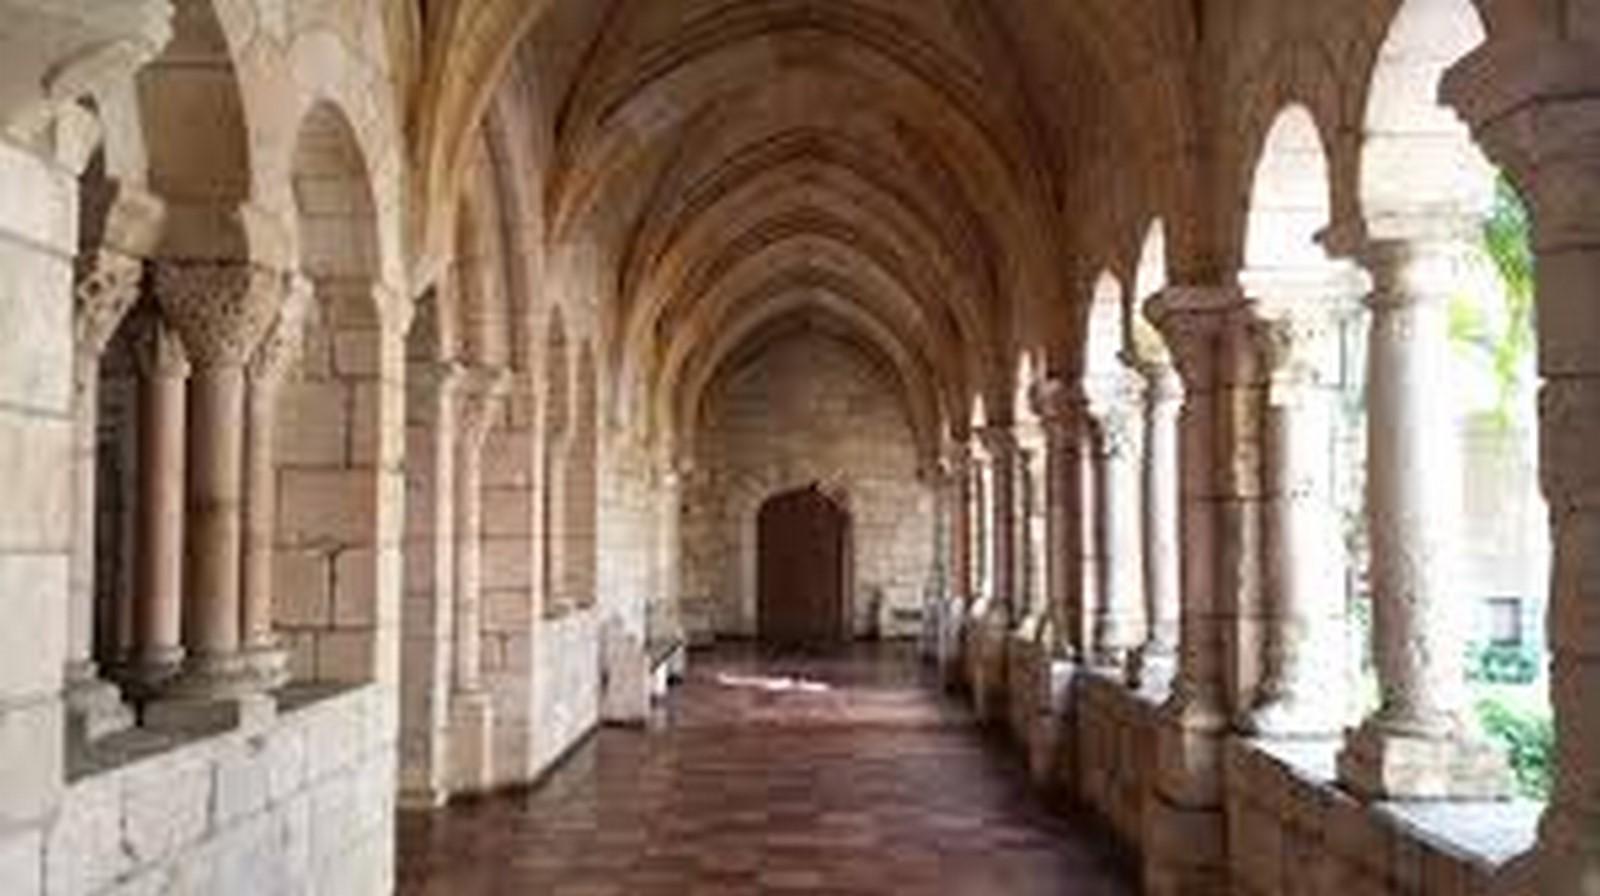 Church of St. Bernard de Clairvaux - Sheet2